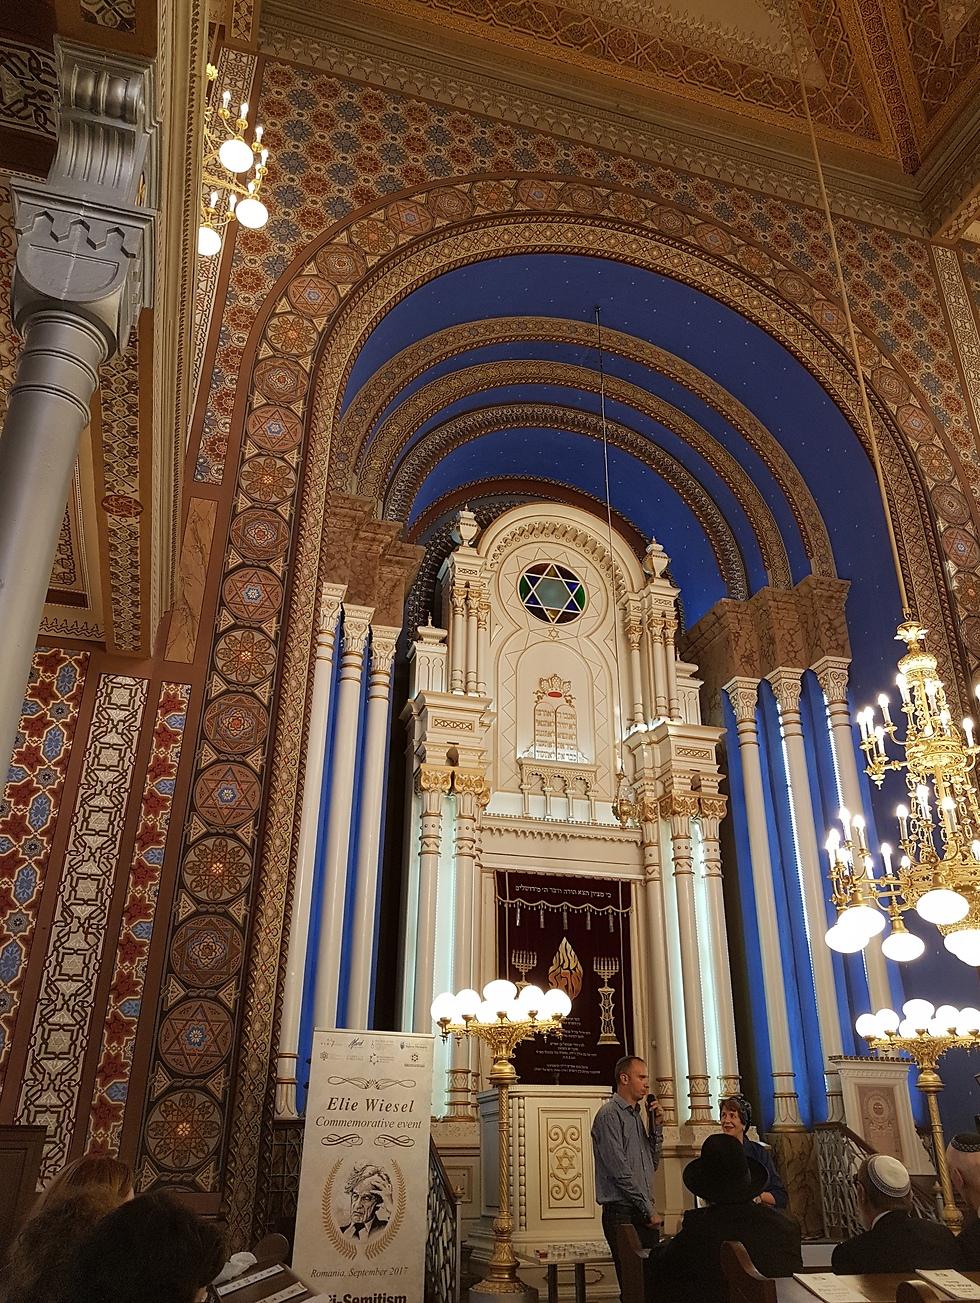 בית הכנסת ציון שופץ במעל 500 אלף אירו (צילום: יעל ולצר)